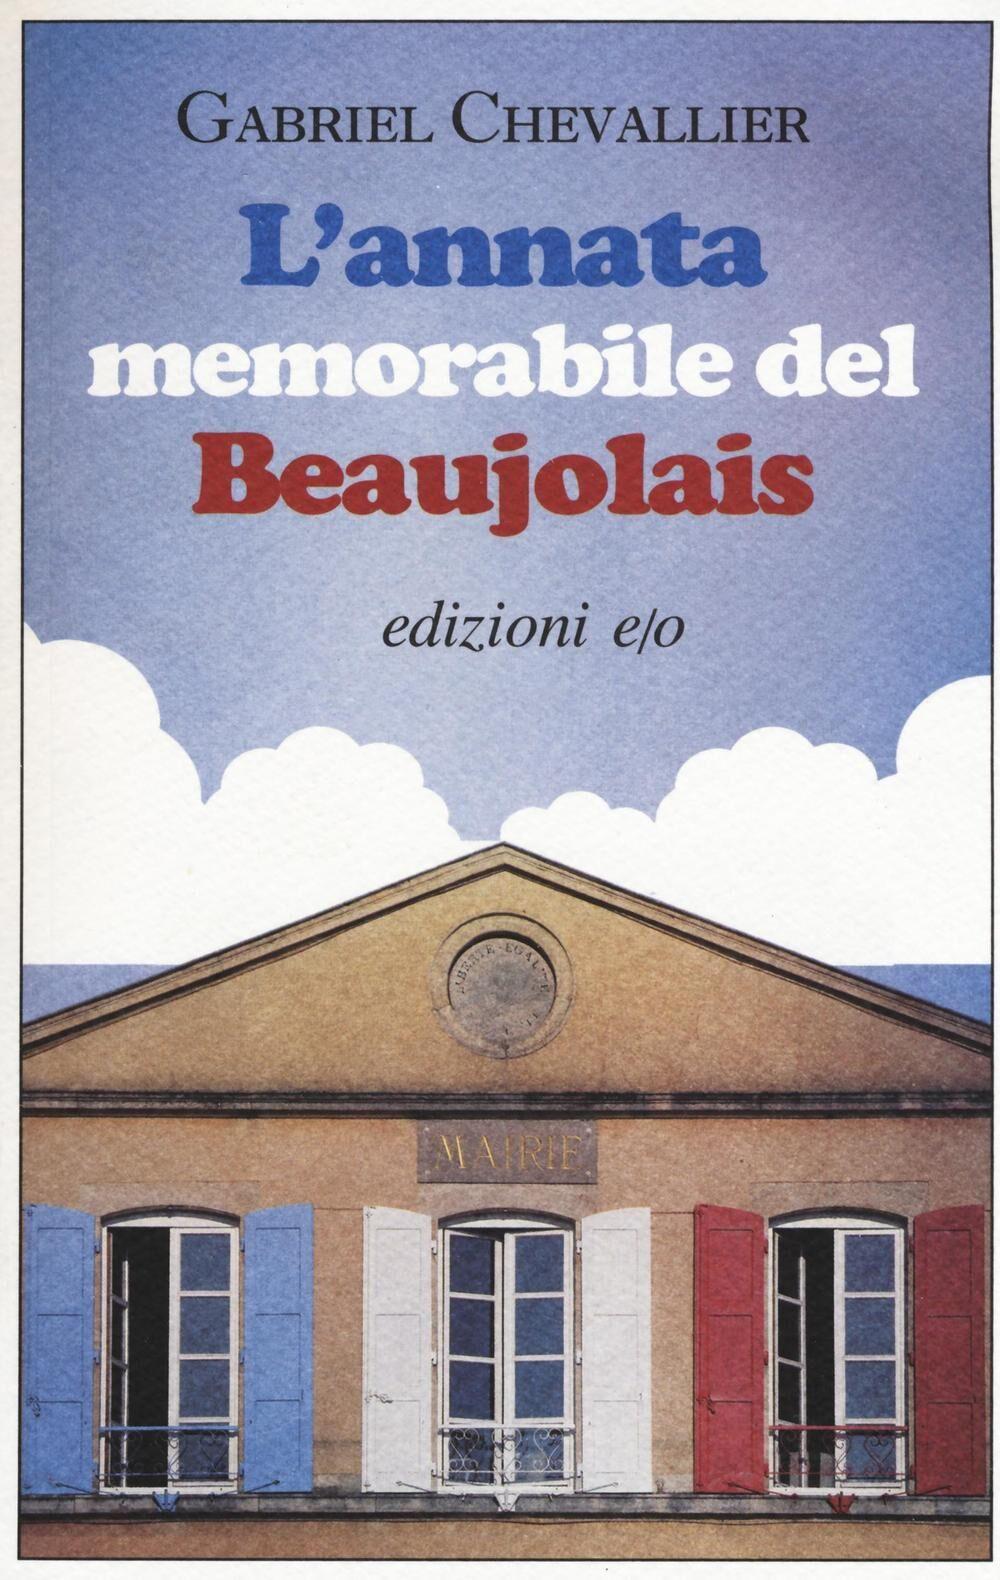 L' annata memorabile del Beaujolais